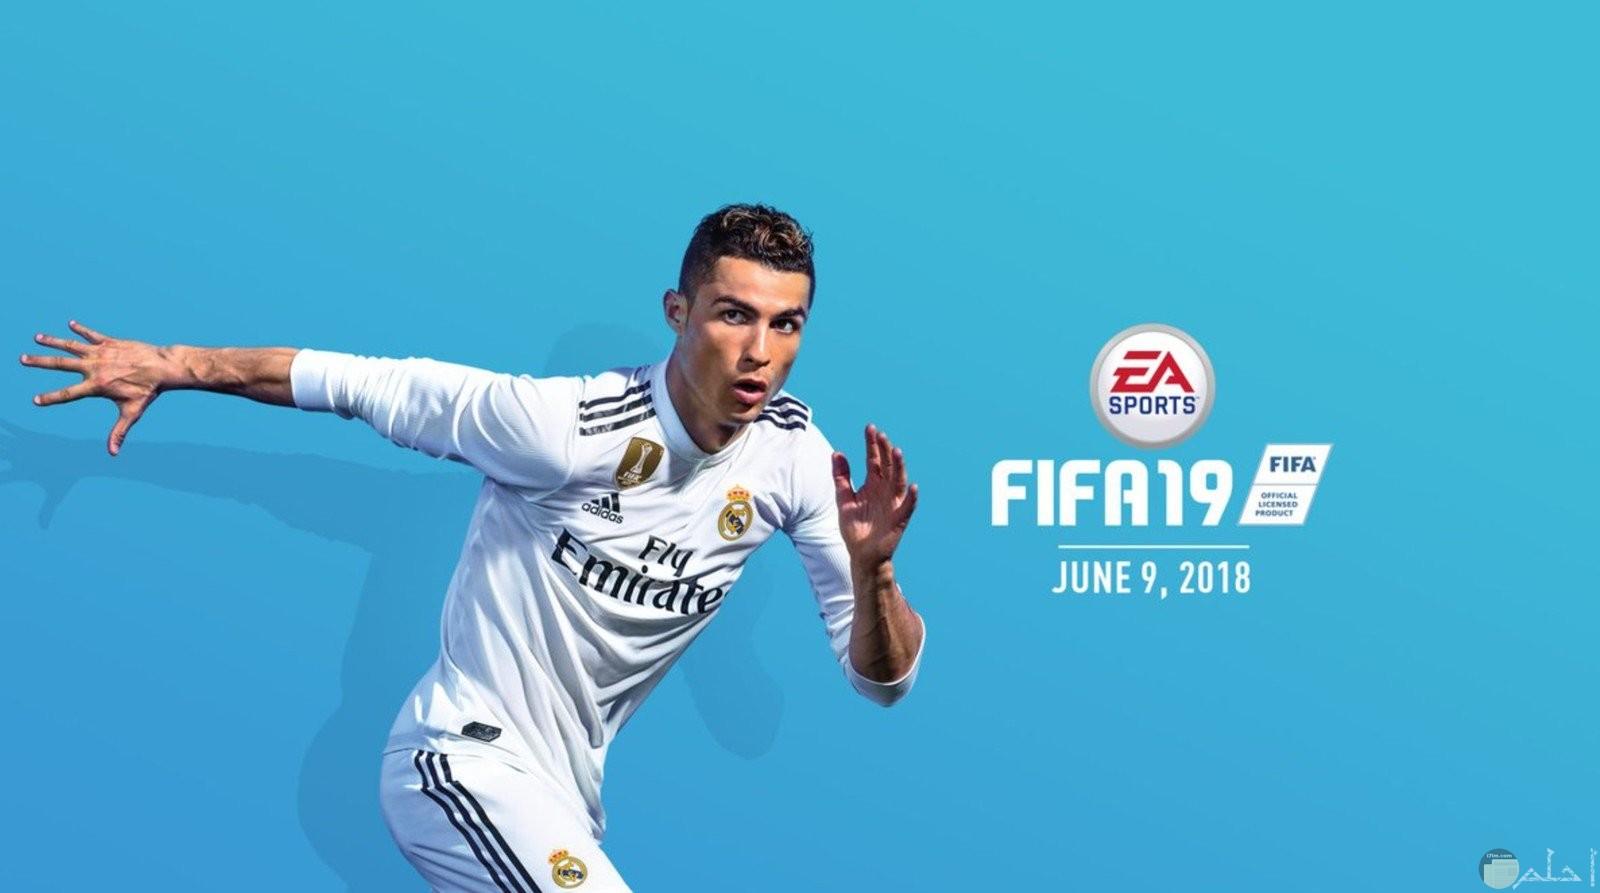 صورة من لعبة فيفا